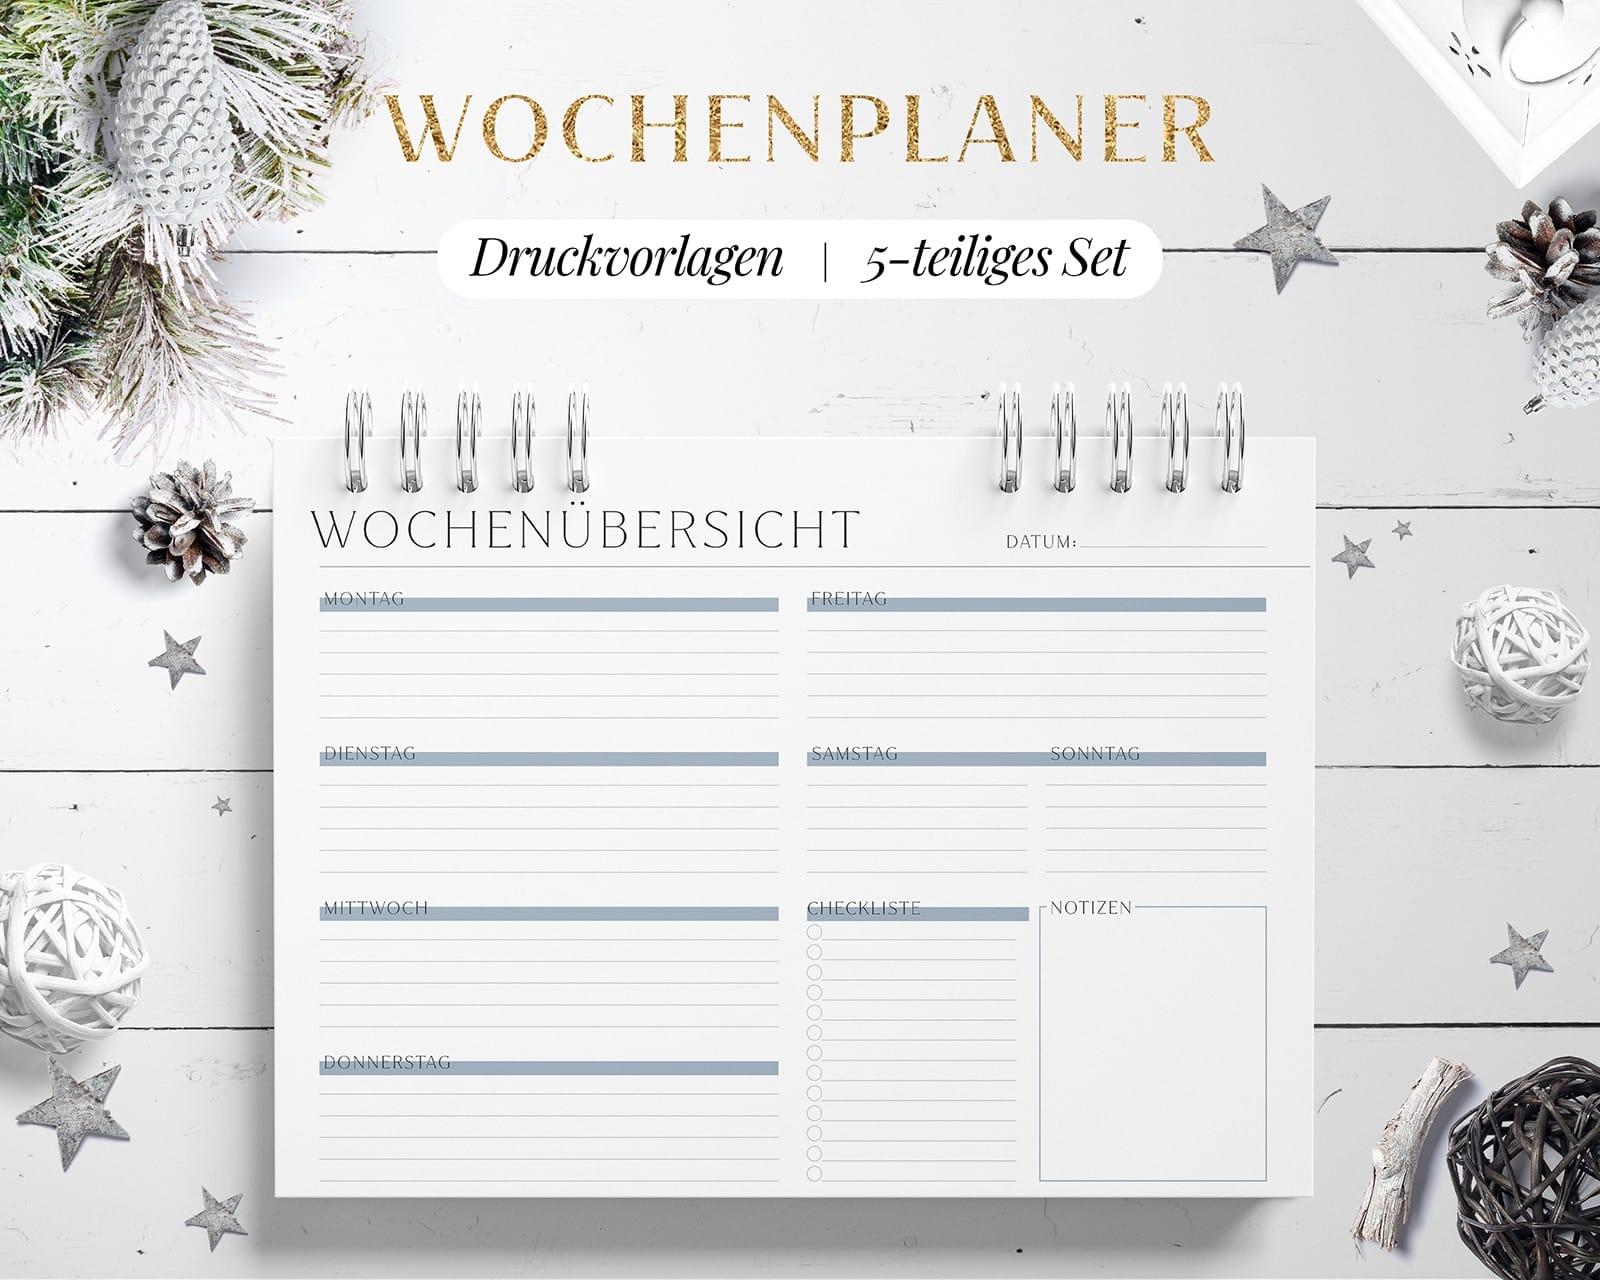 Wochenplan Vorlage PDF Digital zum Drucken